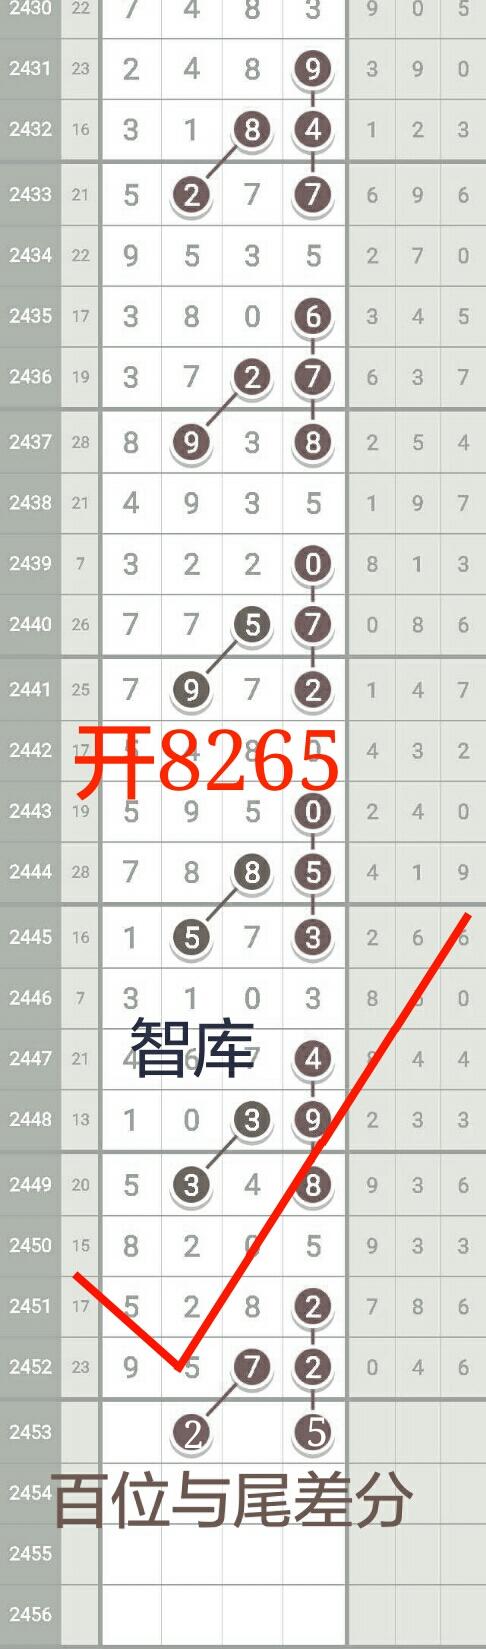 183951hy095krcyd5hhc2z.jpg